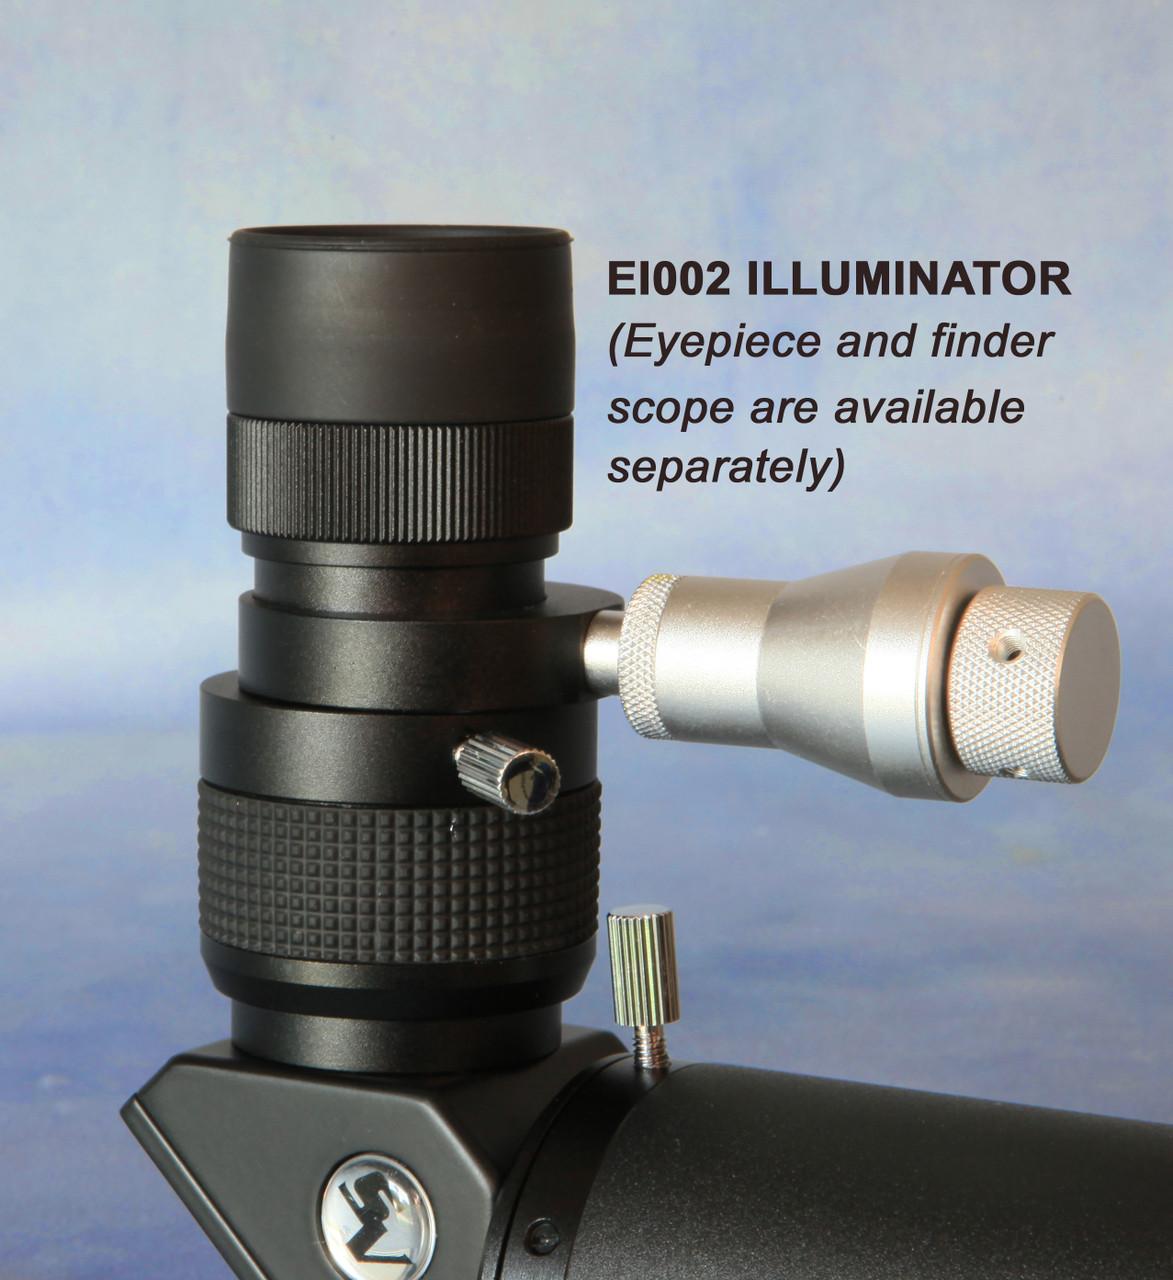 EI002 Illuminator